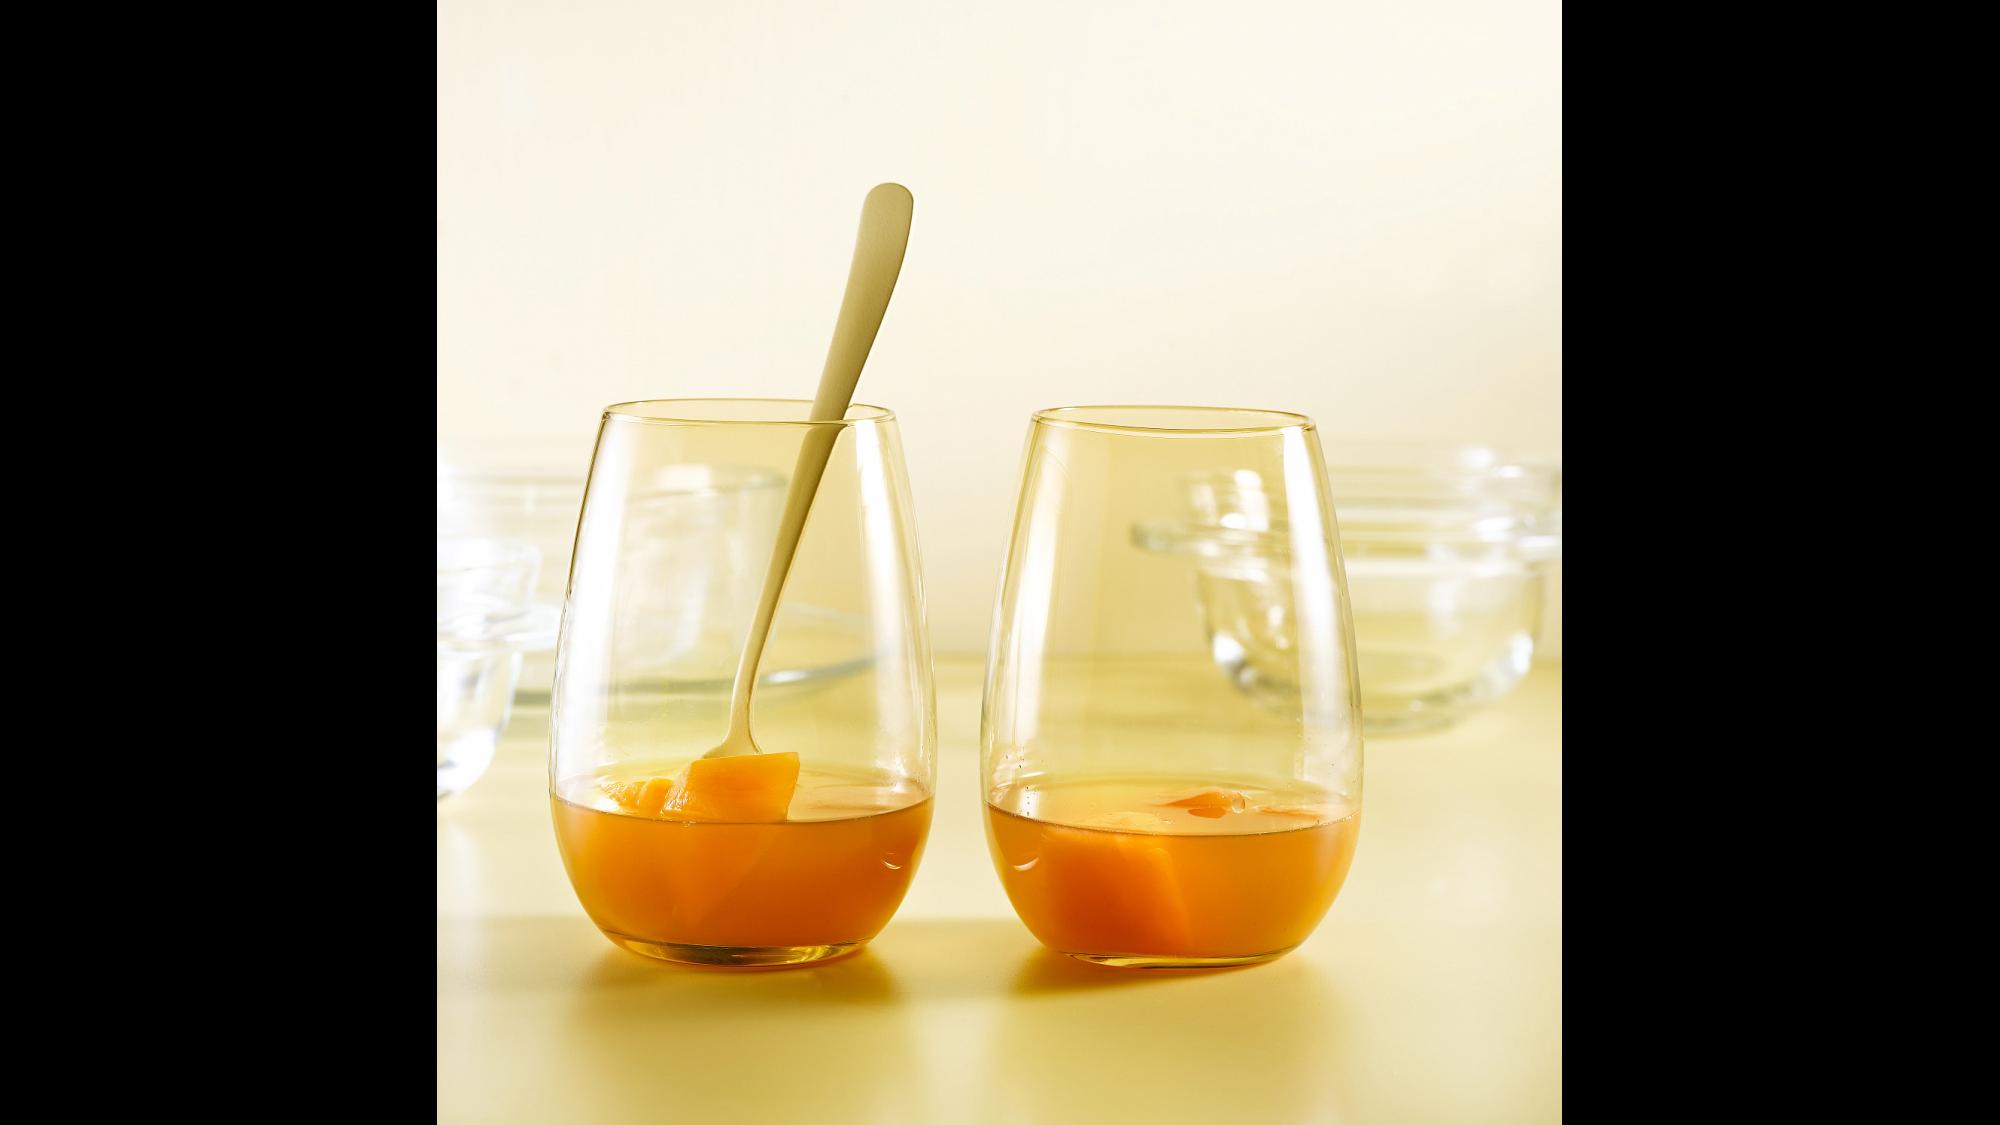 קונסומה מנגו, תפוזים ונענע - מתכון בסיסי של מיכל בוטון | צילום: רונן מנגן | סגנון: עמית פרבר